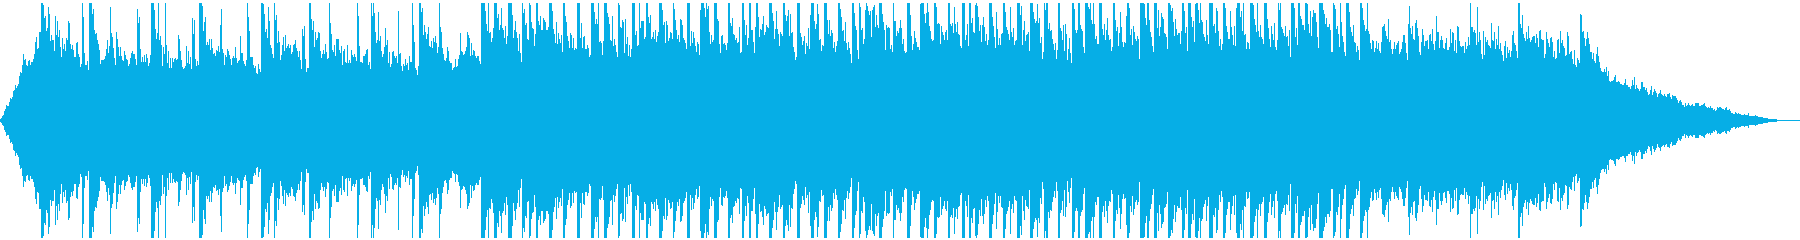 60秒ver企業VP,コーポレート,元気の再生済みの波形